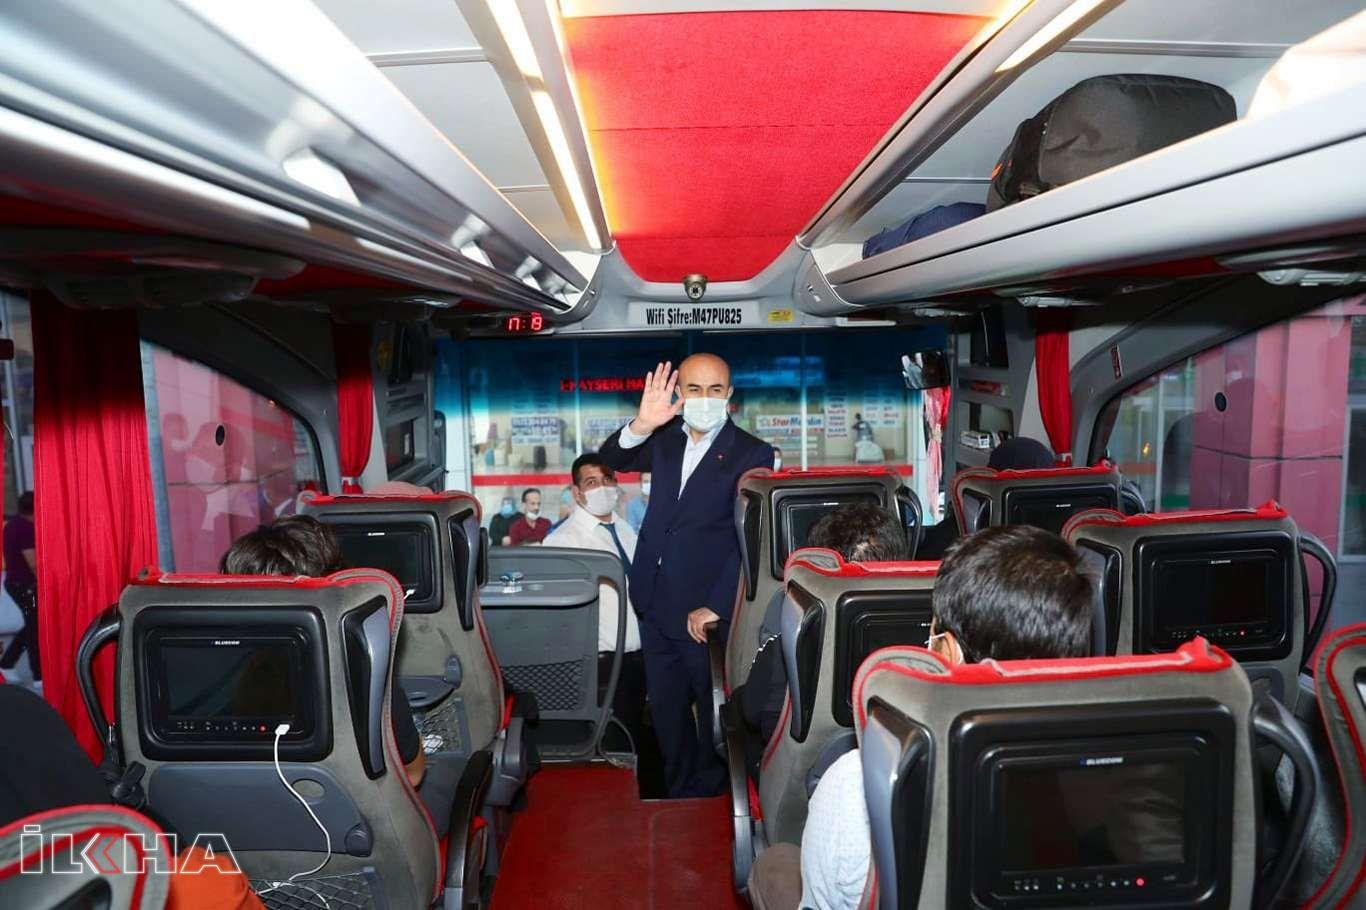 Mardin Şehirlerarası Otobüs Terminali'nde Coronavirus tedbirleri denetimi yapıldı